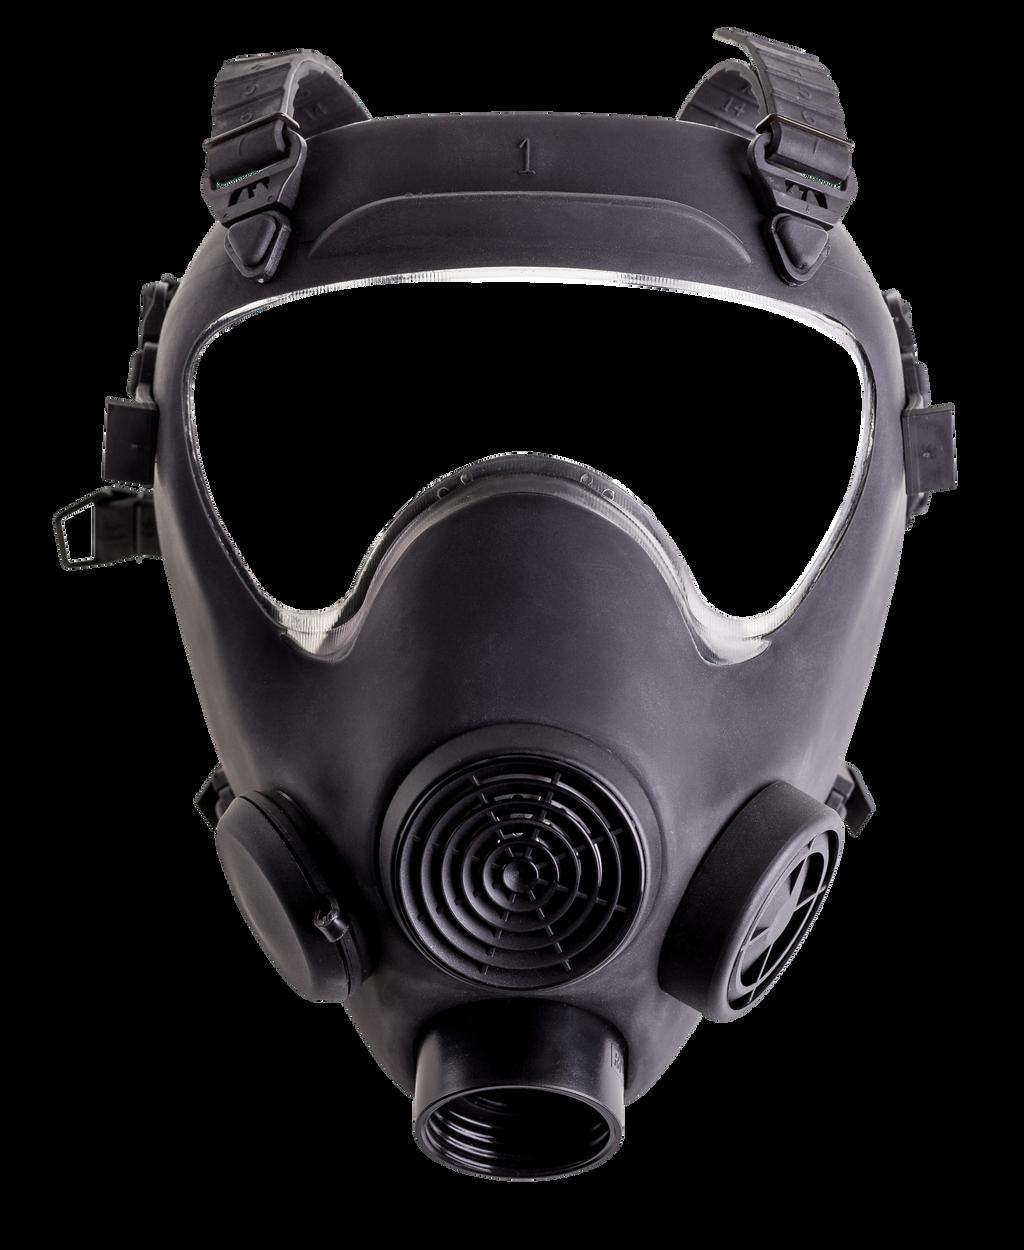 Gas Mask 03 by HZ-Designs on DeviantArt